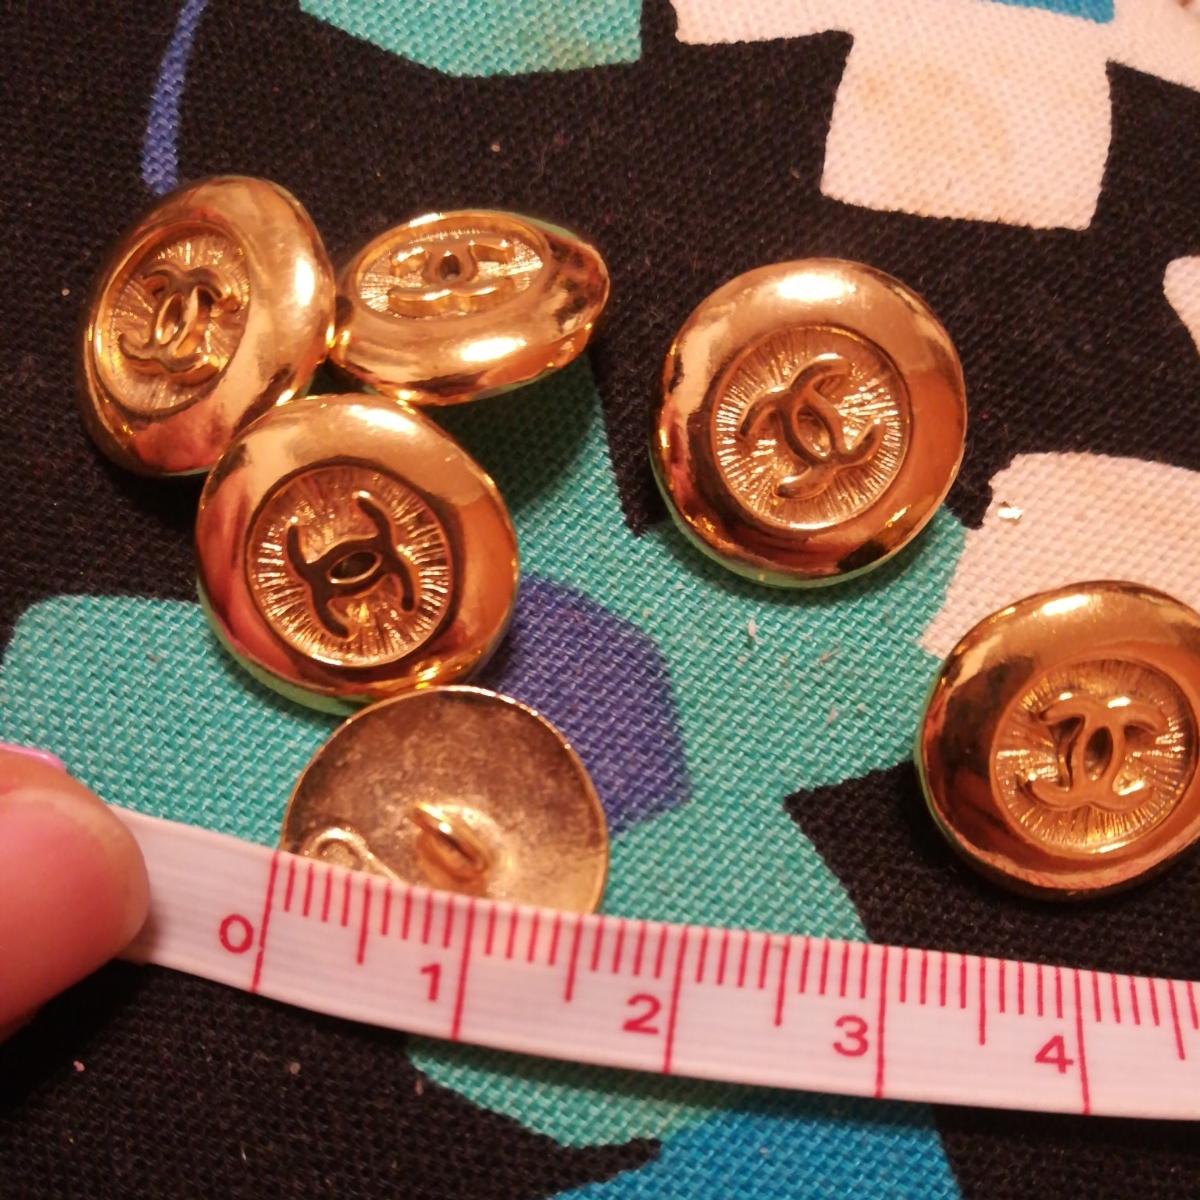 同梱可能 正規品chanel ゴールド ボタン 6個のセット 未使用 サイズ1.6cm_画像4